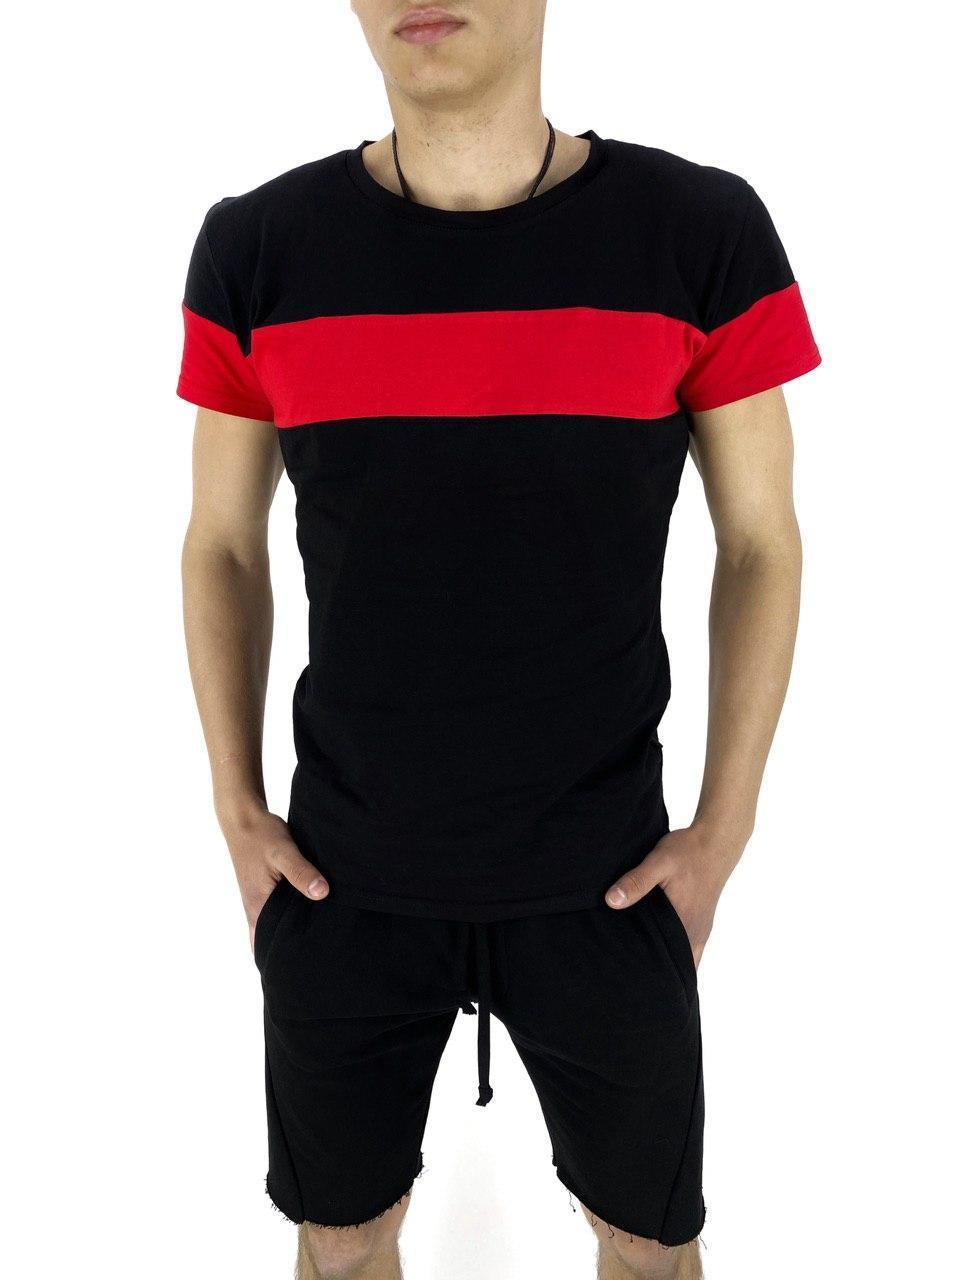 Комплект Футболка и шорты Intruder Color Stripe S Черный с красным (Kom 1589369461/ 1)